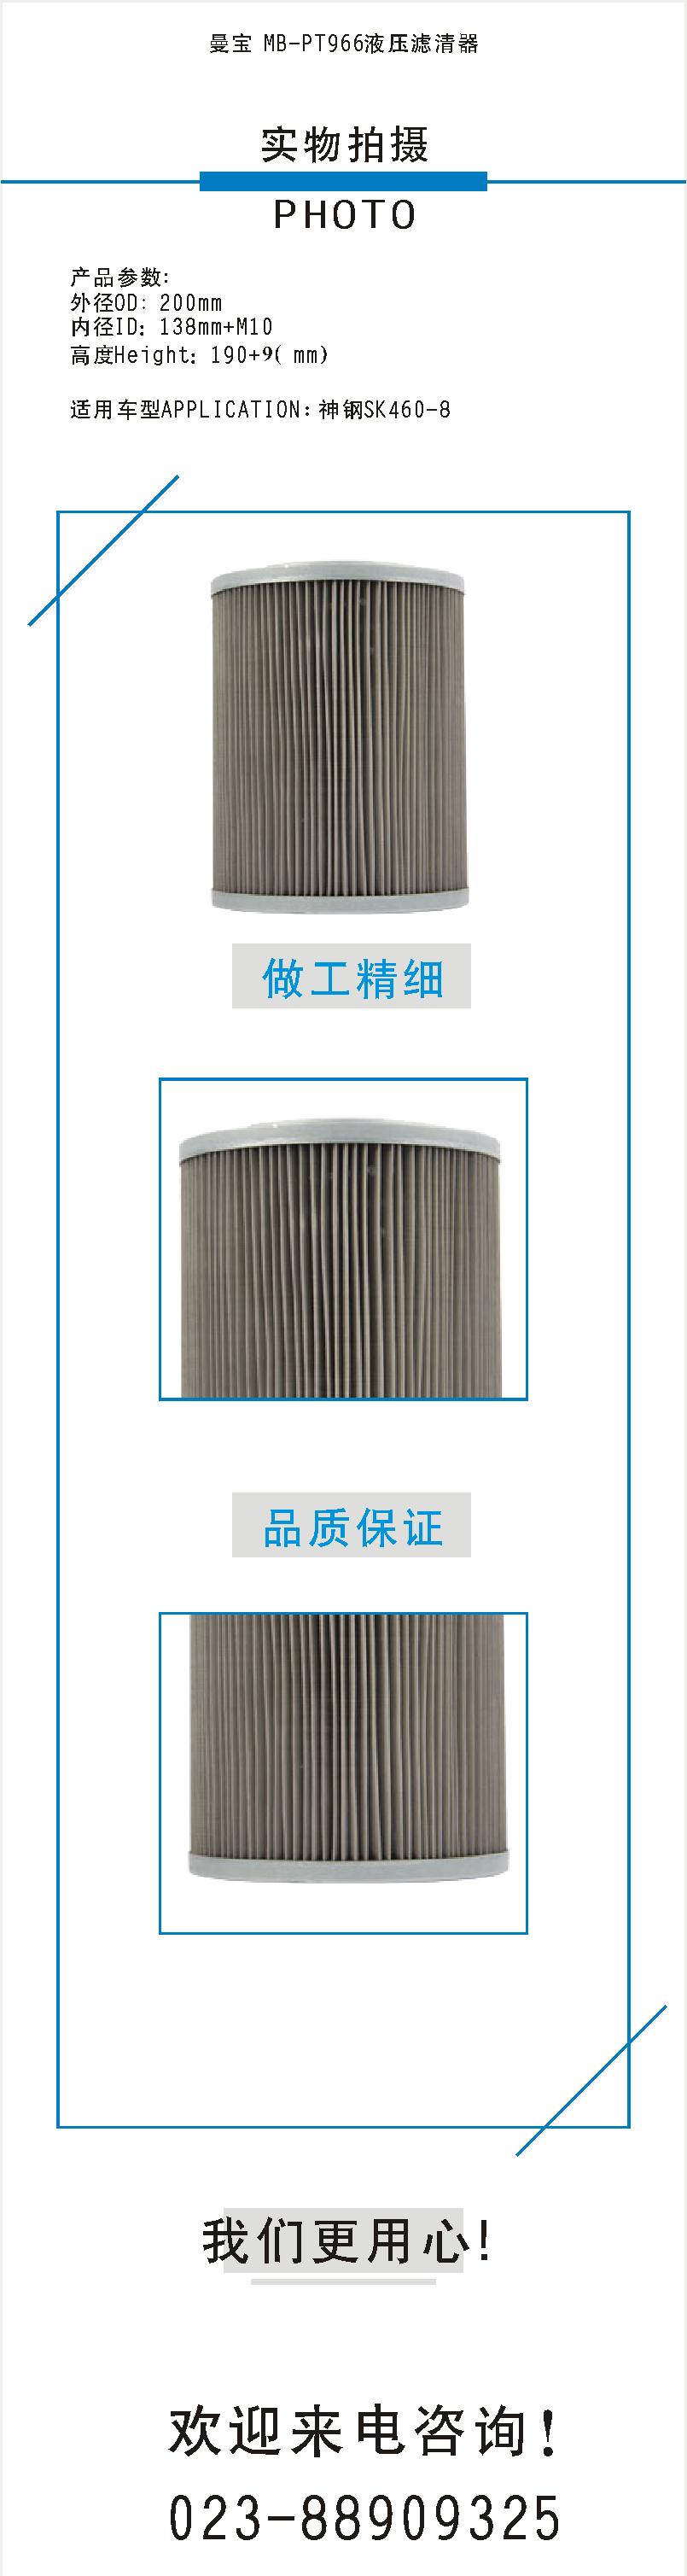 7 曼宝 MB-PT966液压滤清器1.jpg